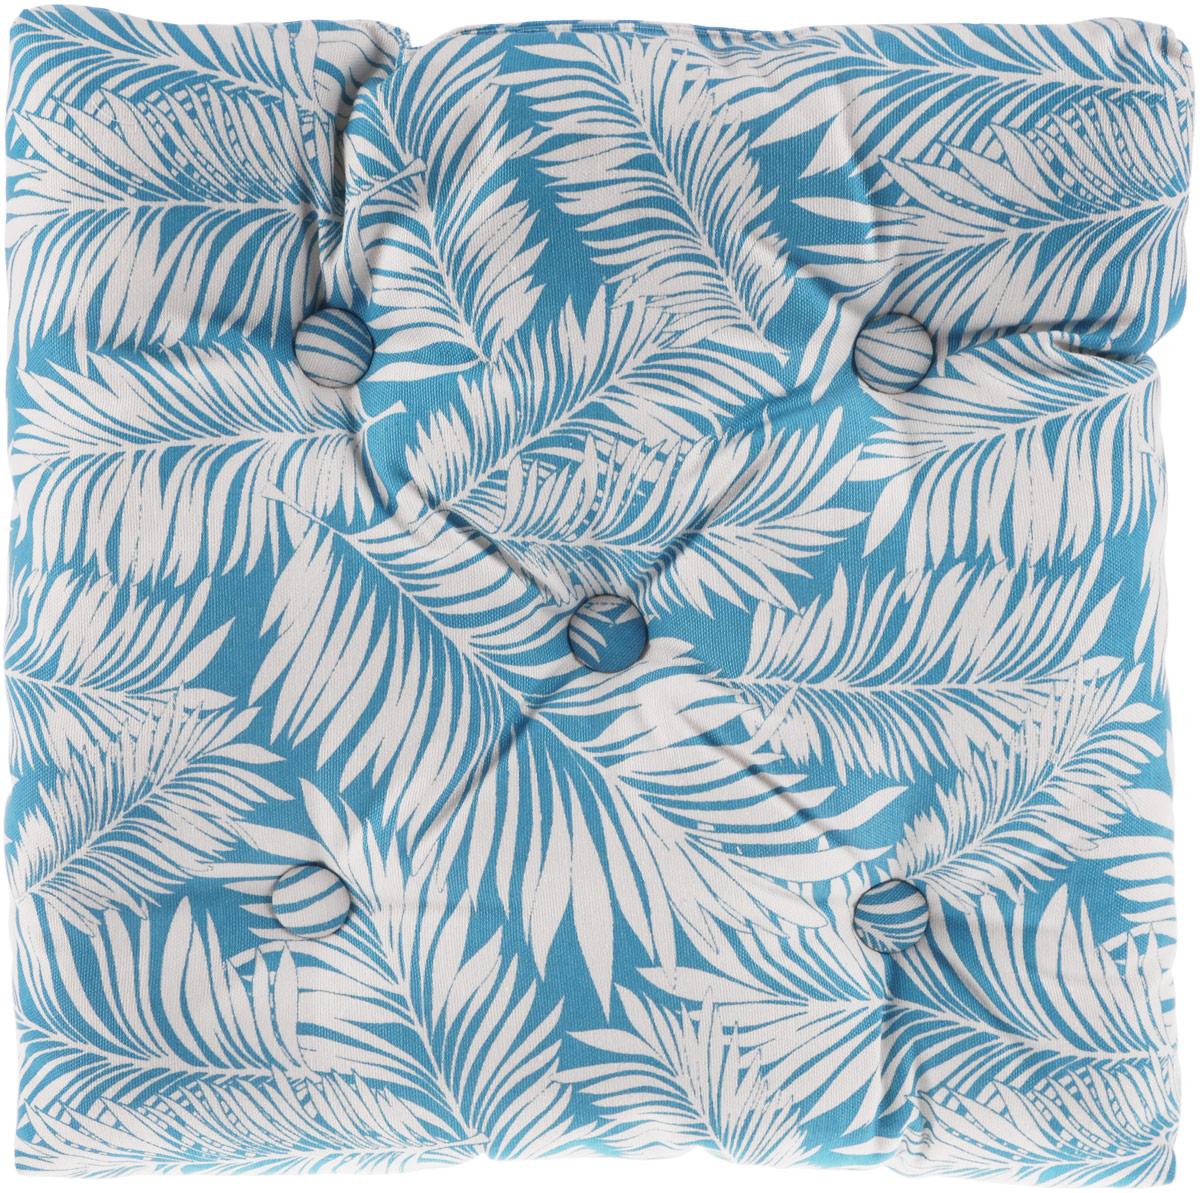 Подушка на стул KauffOrt Лазурный берег, цвет: голубой, белый, 40 x 40 см3121262140Подушка на стул KauffOrt Лазурный берег не только красиво дополнит интерьер кухни, но и обеспечит комфорт при сидении. Чехол выполнен из хлопка и полиэстера, а наполнитель из холлофайбера. Подушка легко крепится на стул с помощью завязок. Правильно сидеть - значит сохранить здоровье на долгие годы. Жесткие сидения подвергают наше здоровье опасности. Подушка с мягким наполнителем поможет предотвратить большинство нежелательных последствий сидячего образа жизни. Толщина подушки: 10 см.